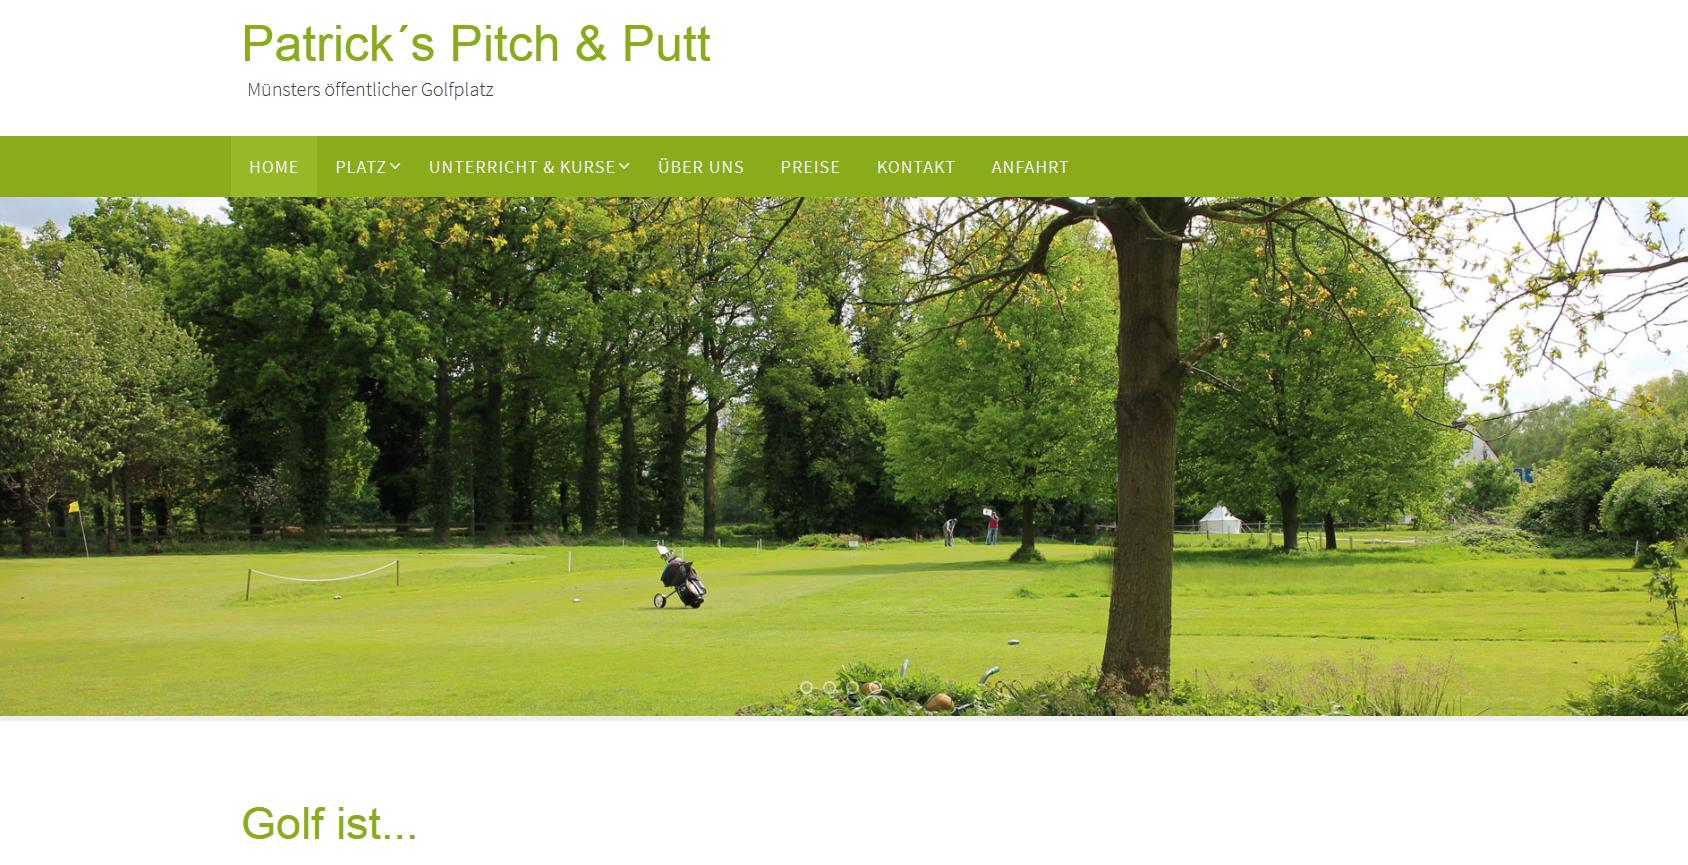 Golfplatz Pitch & Putt